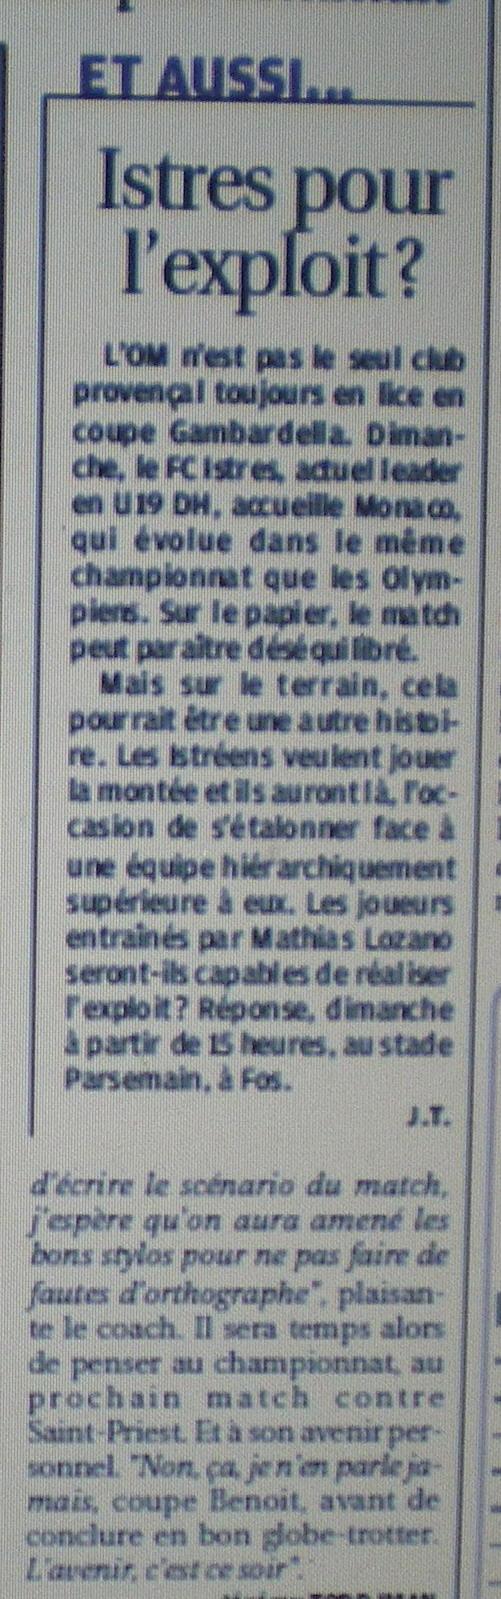 FC ISTRES B  // DHR  MEDITERRANEE  et AUTRES JEUNES  - Page 2 618976IMGP4359